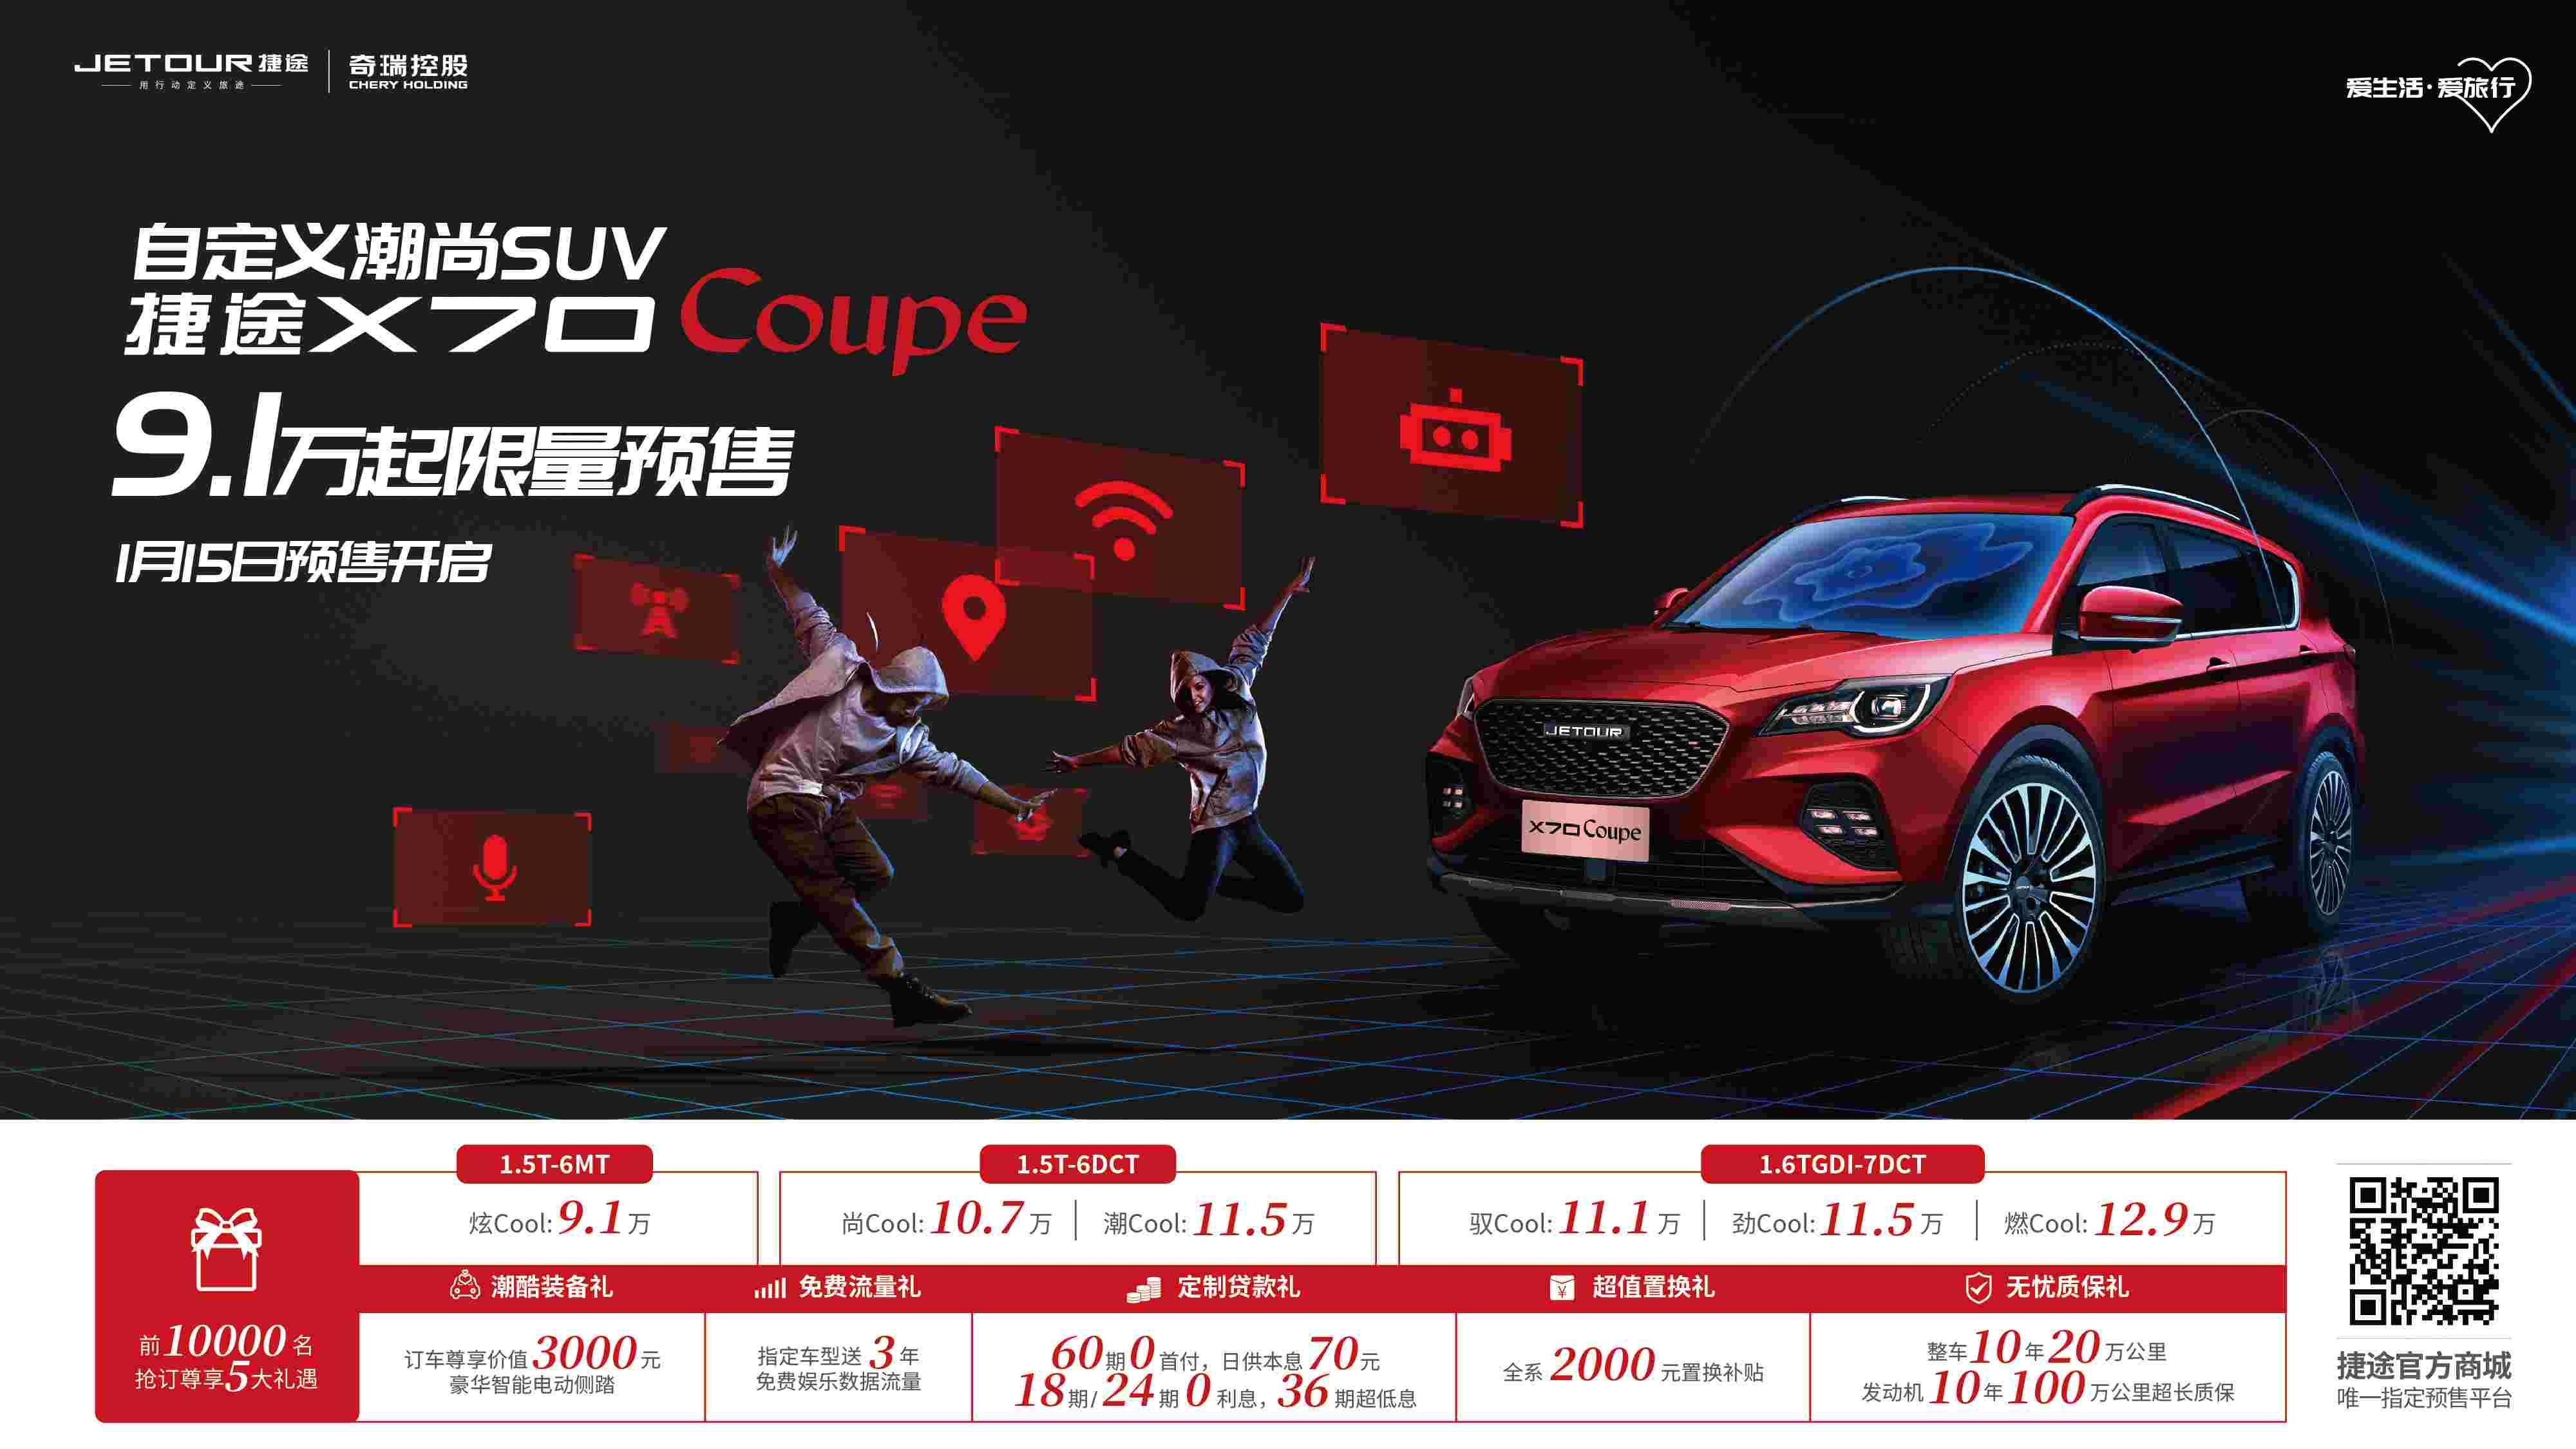 91.万起DIY定制 捷途X70 Coupe今日开始预售